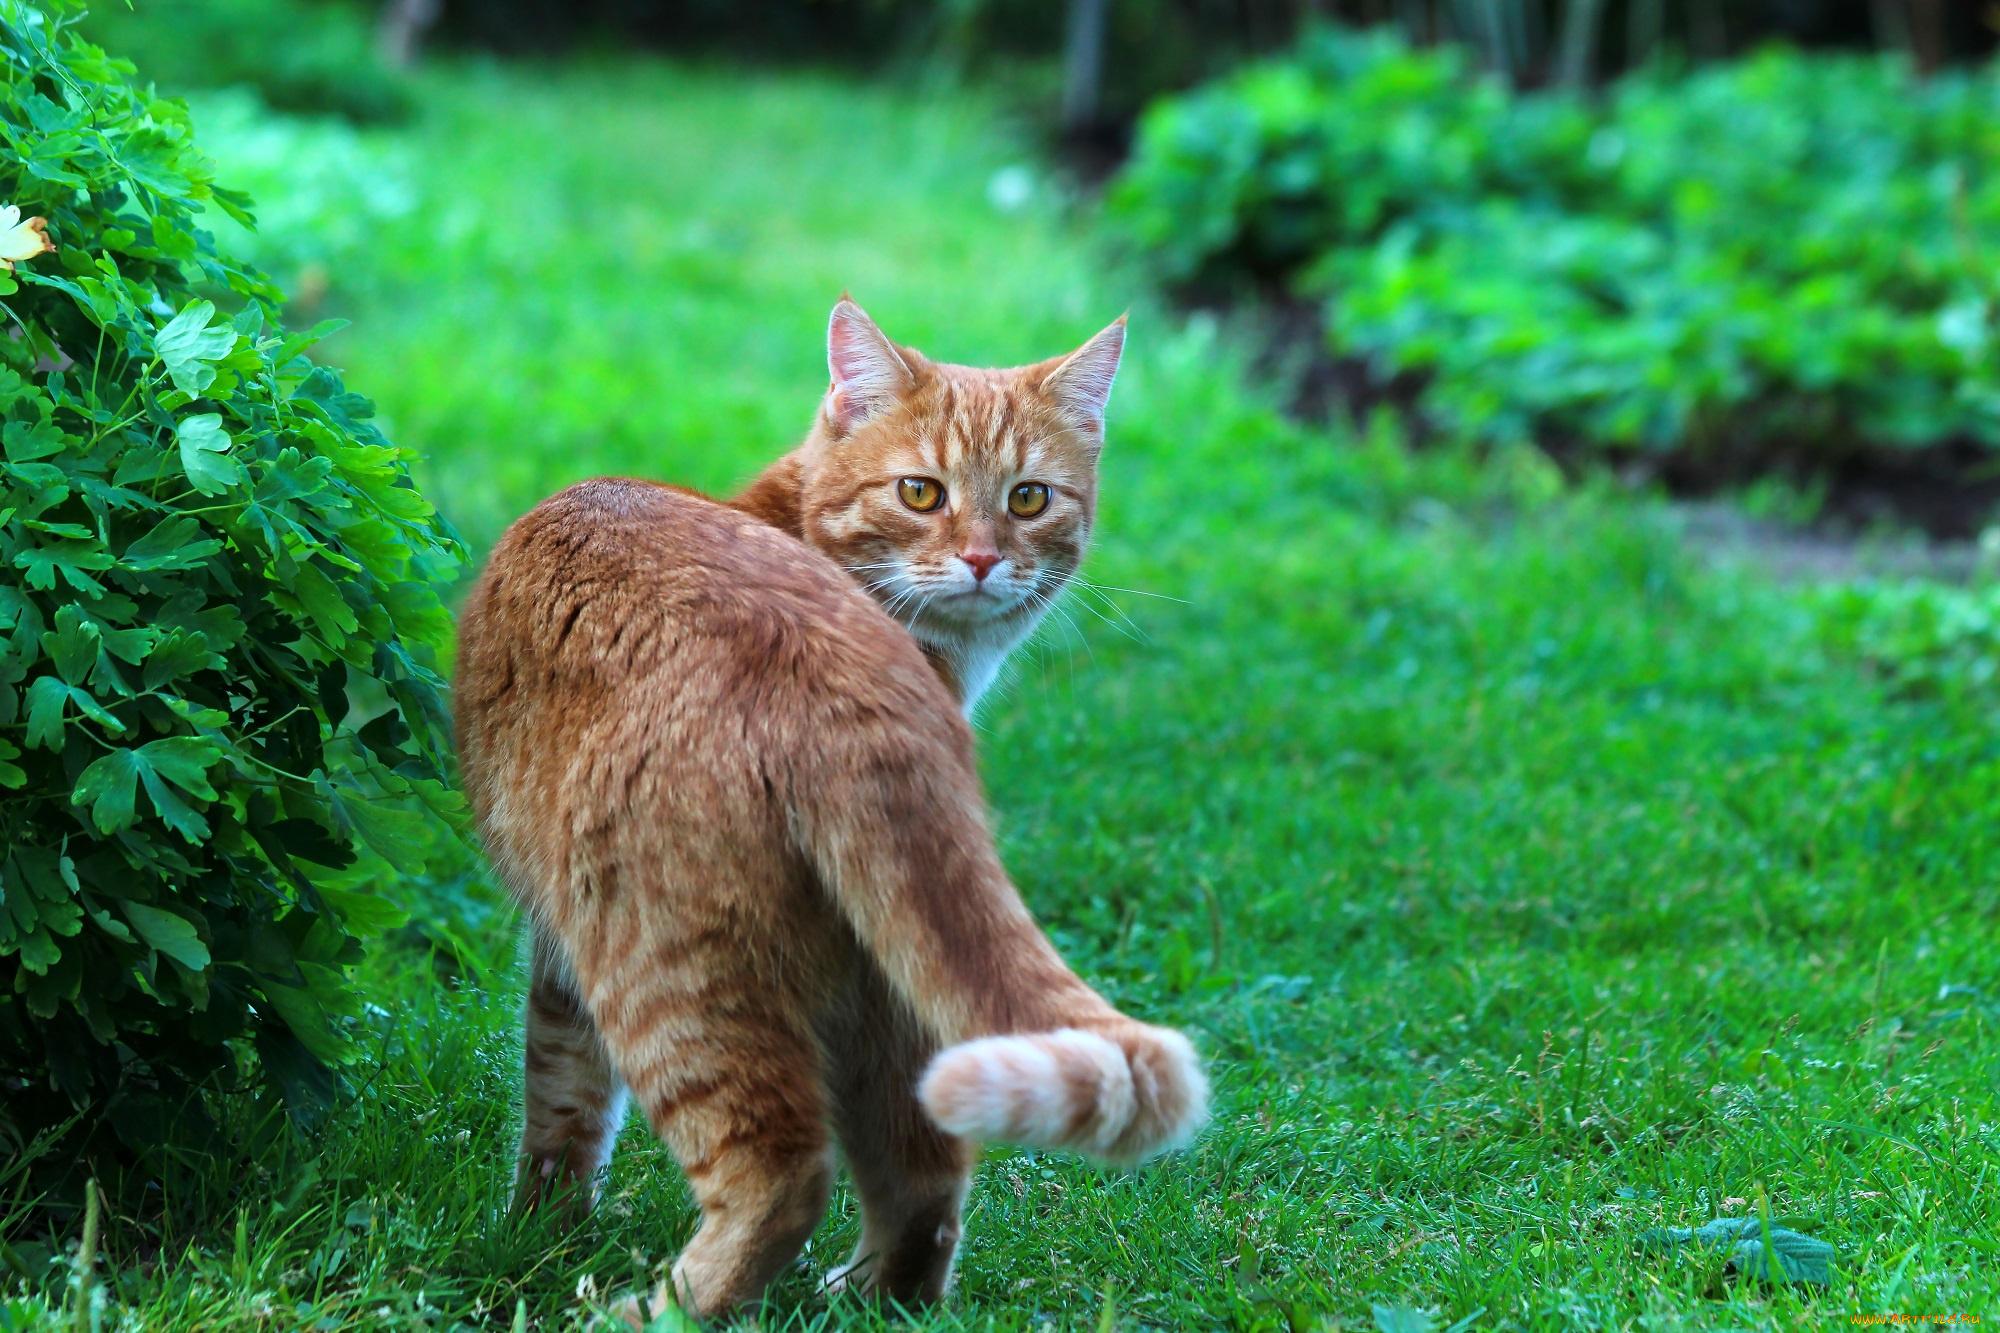 природа животные рыжий кот  № 941102 бесплатно